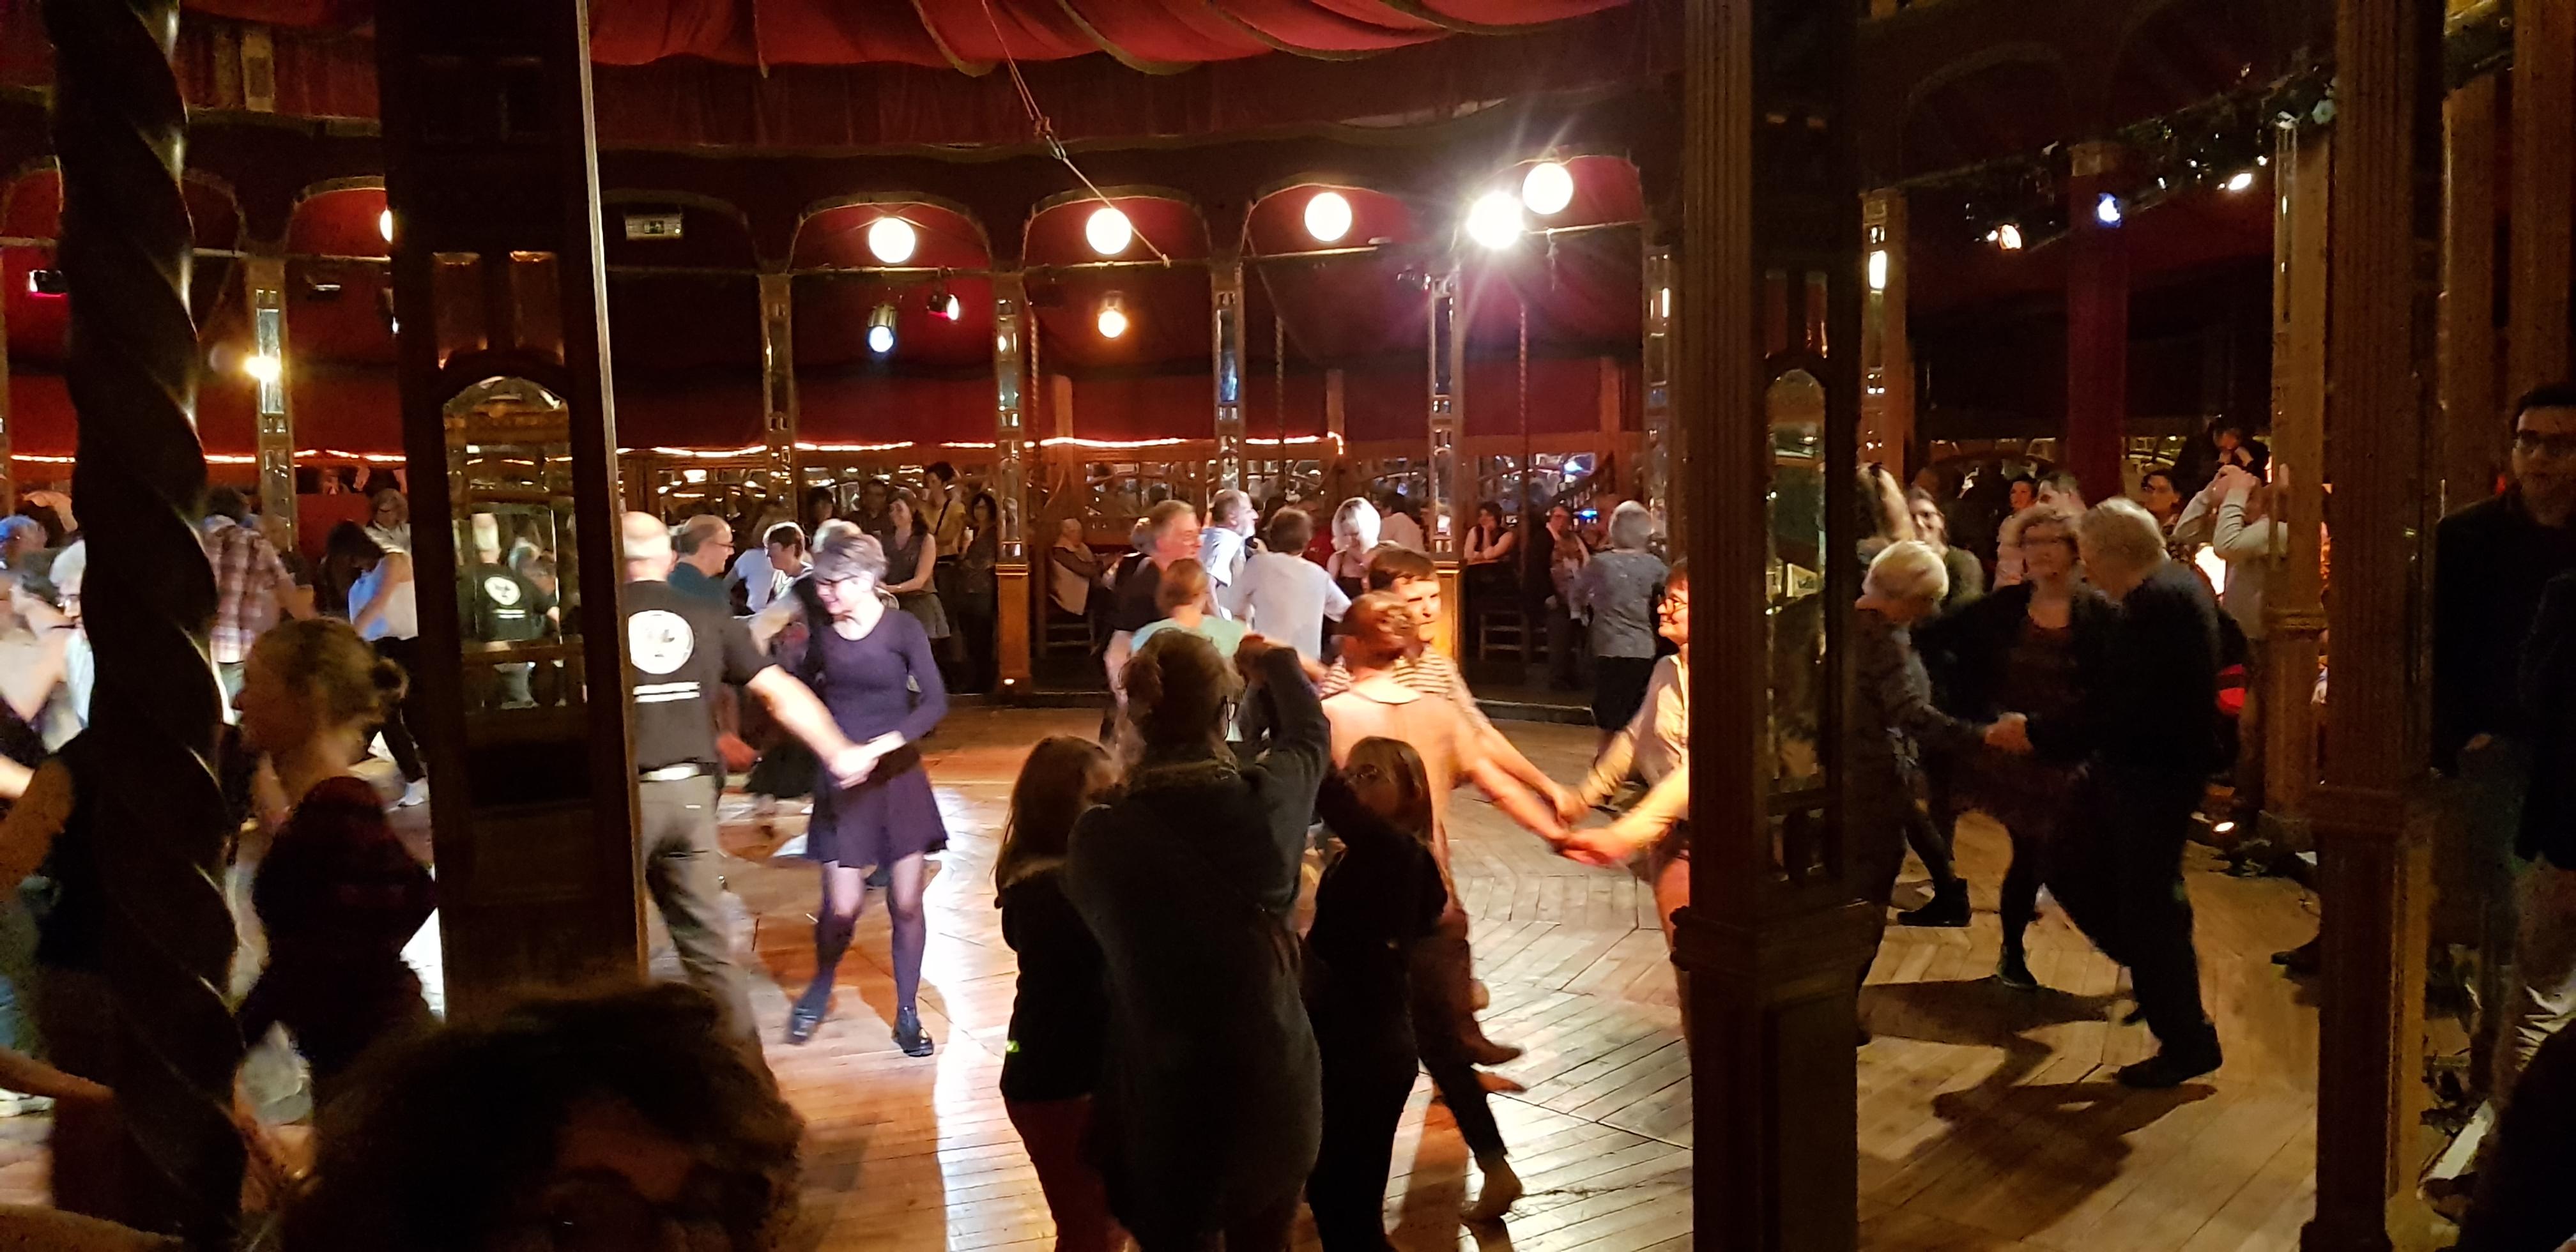 Fest-noz au Dansoir à Ouistreham